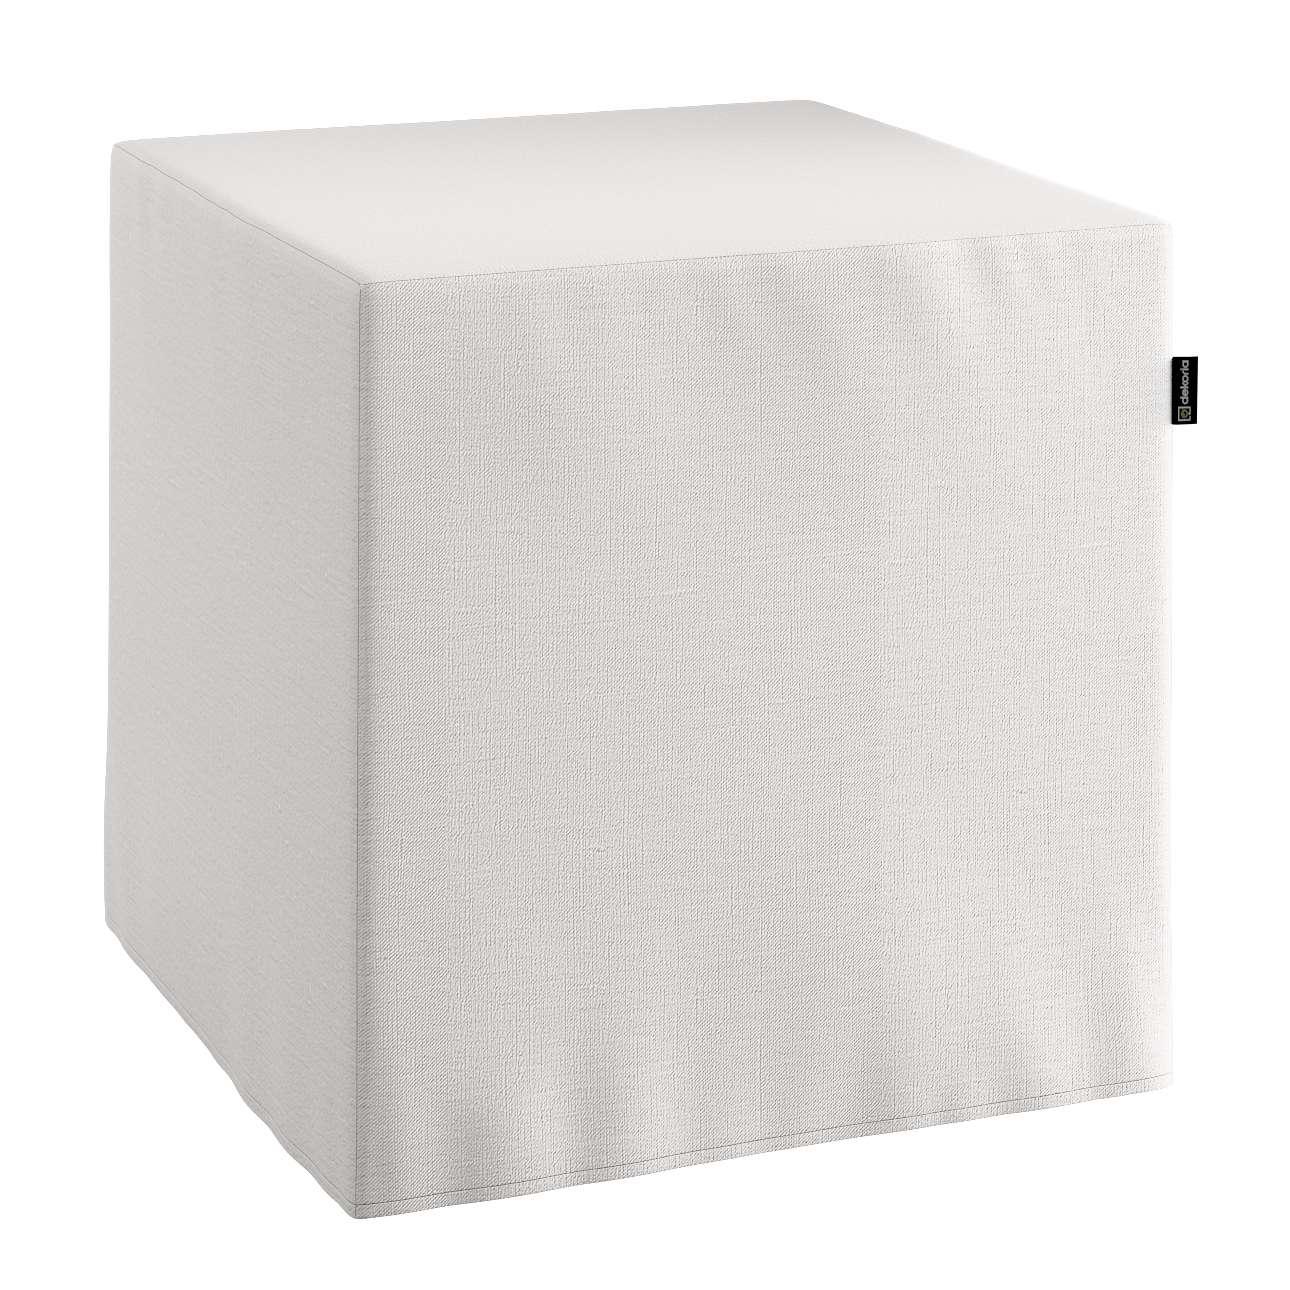 Pokrowiec na pufę kostke kostka 40x40x40 cm w kolekcji Linen, tkanina: 392-04